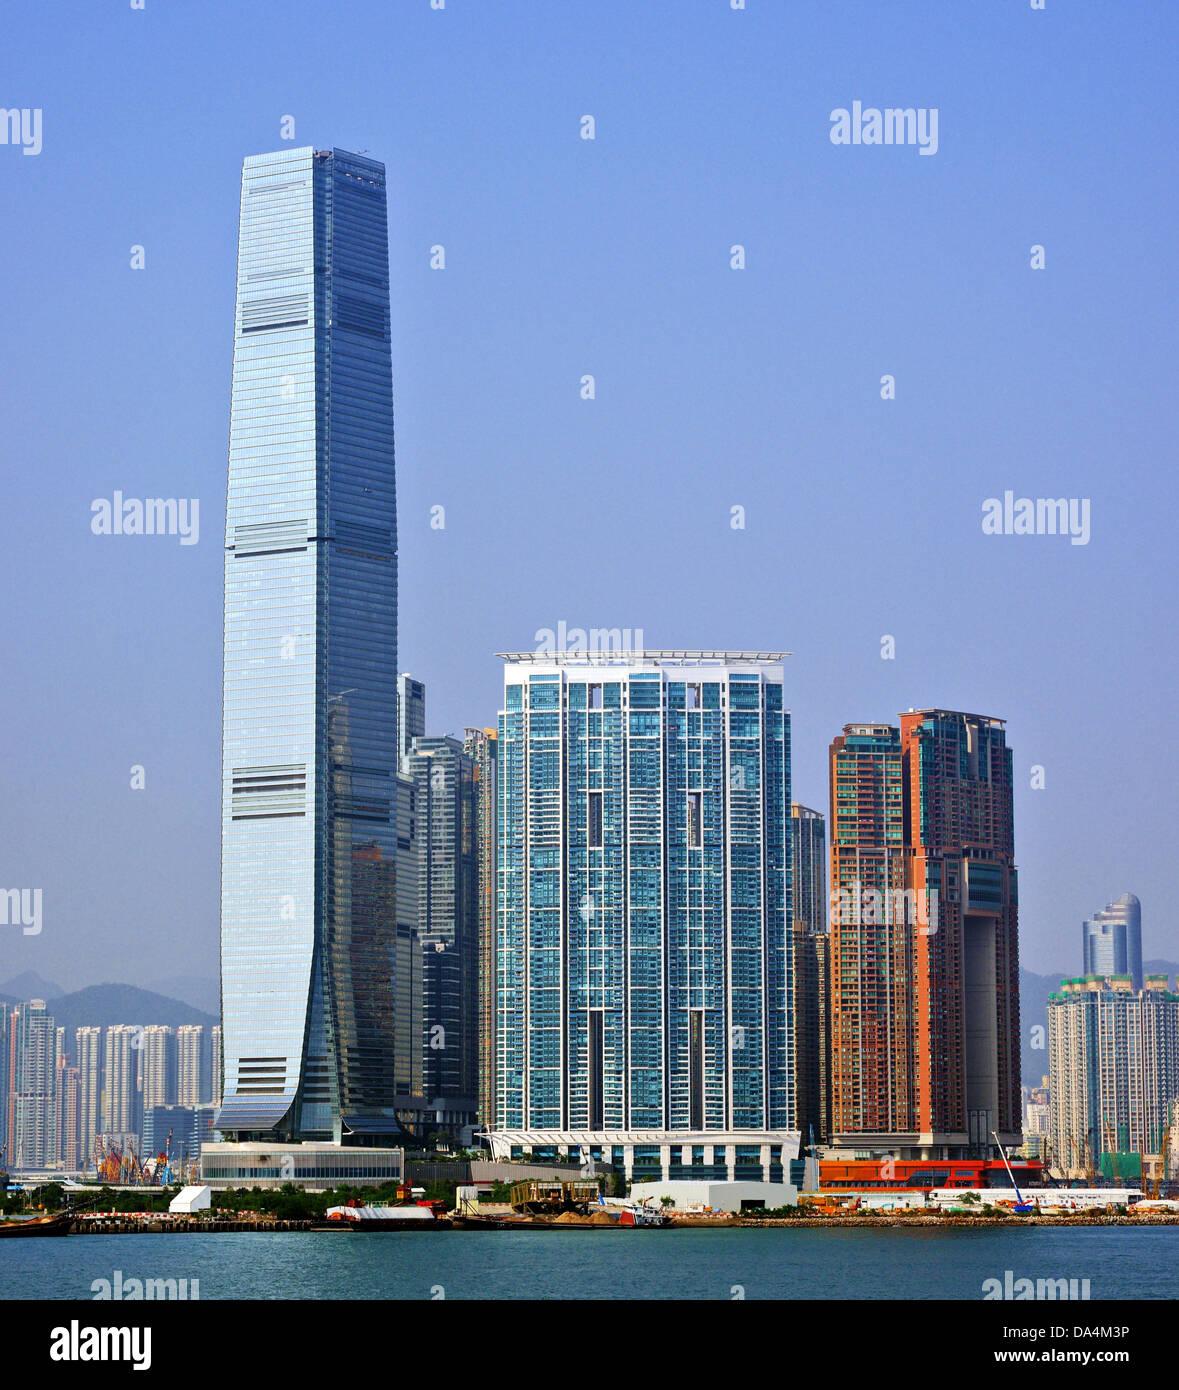 High Rises in Kowloon, Hong Kong SAR, China. - Stock Image